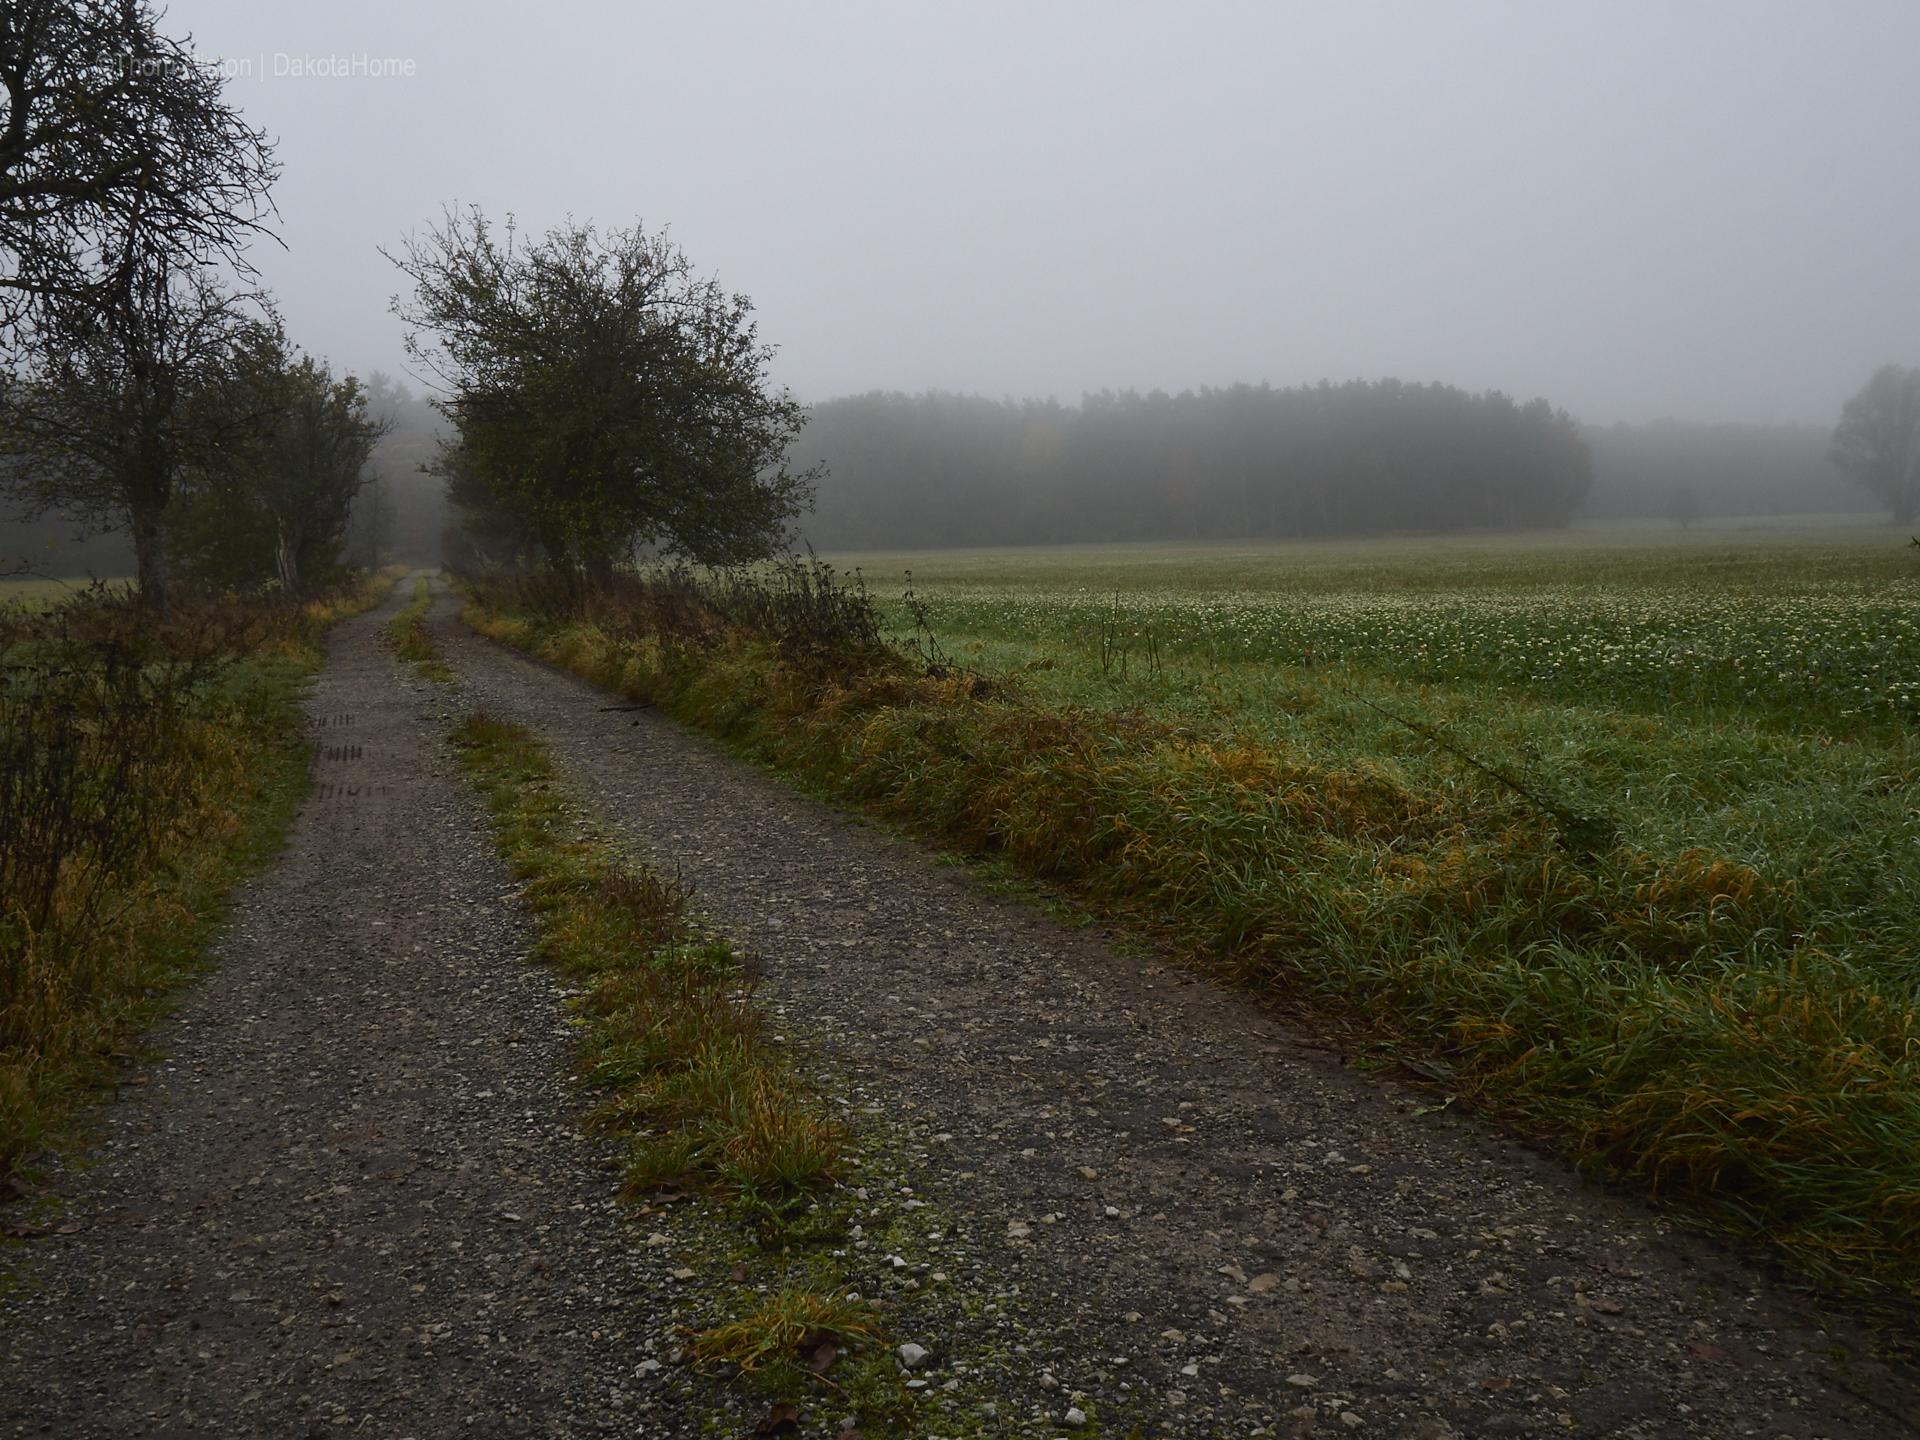 Ende Oktober…und der Herbst kommt gewaltig in Brandenburg an